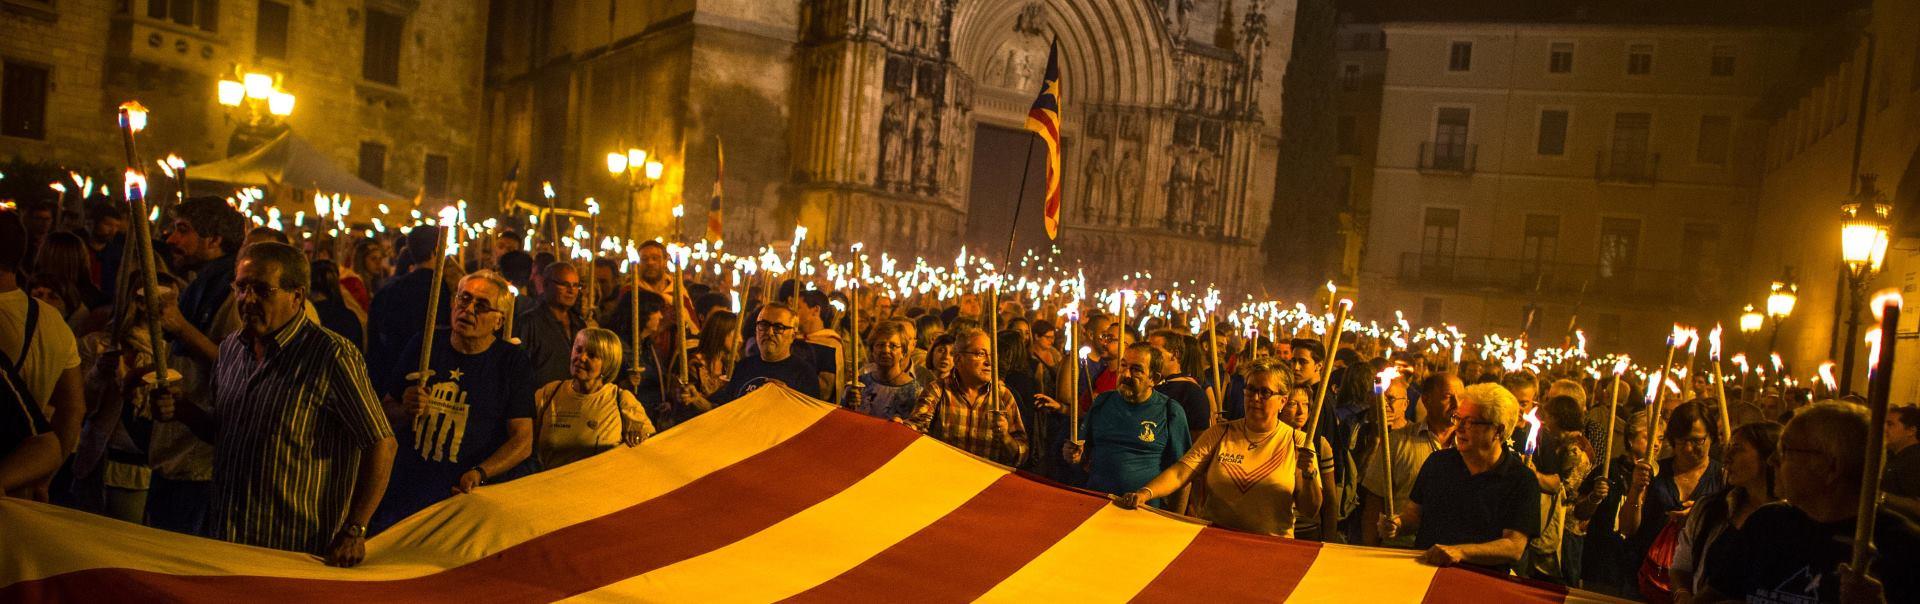 VIDEO: Katalonija slavi svoj Dan nezavisnosti, dok u Španjolskoj počinje izborna kampanja